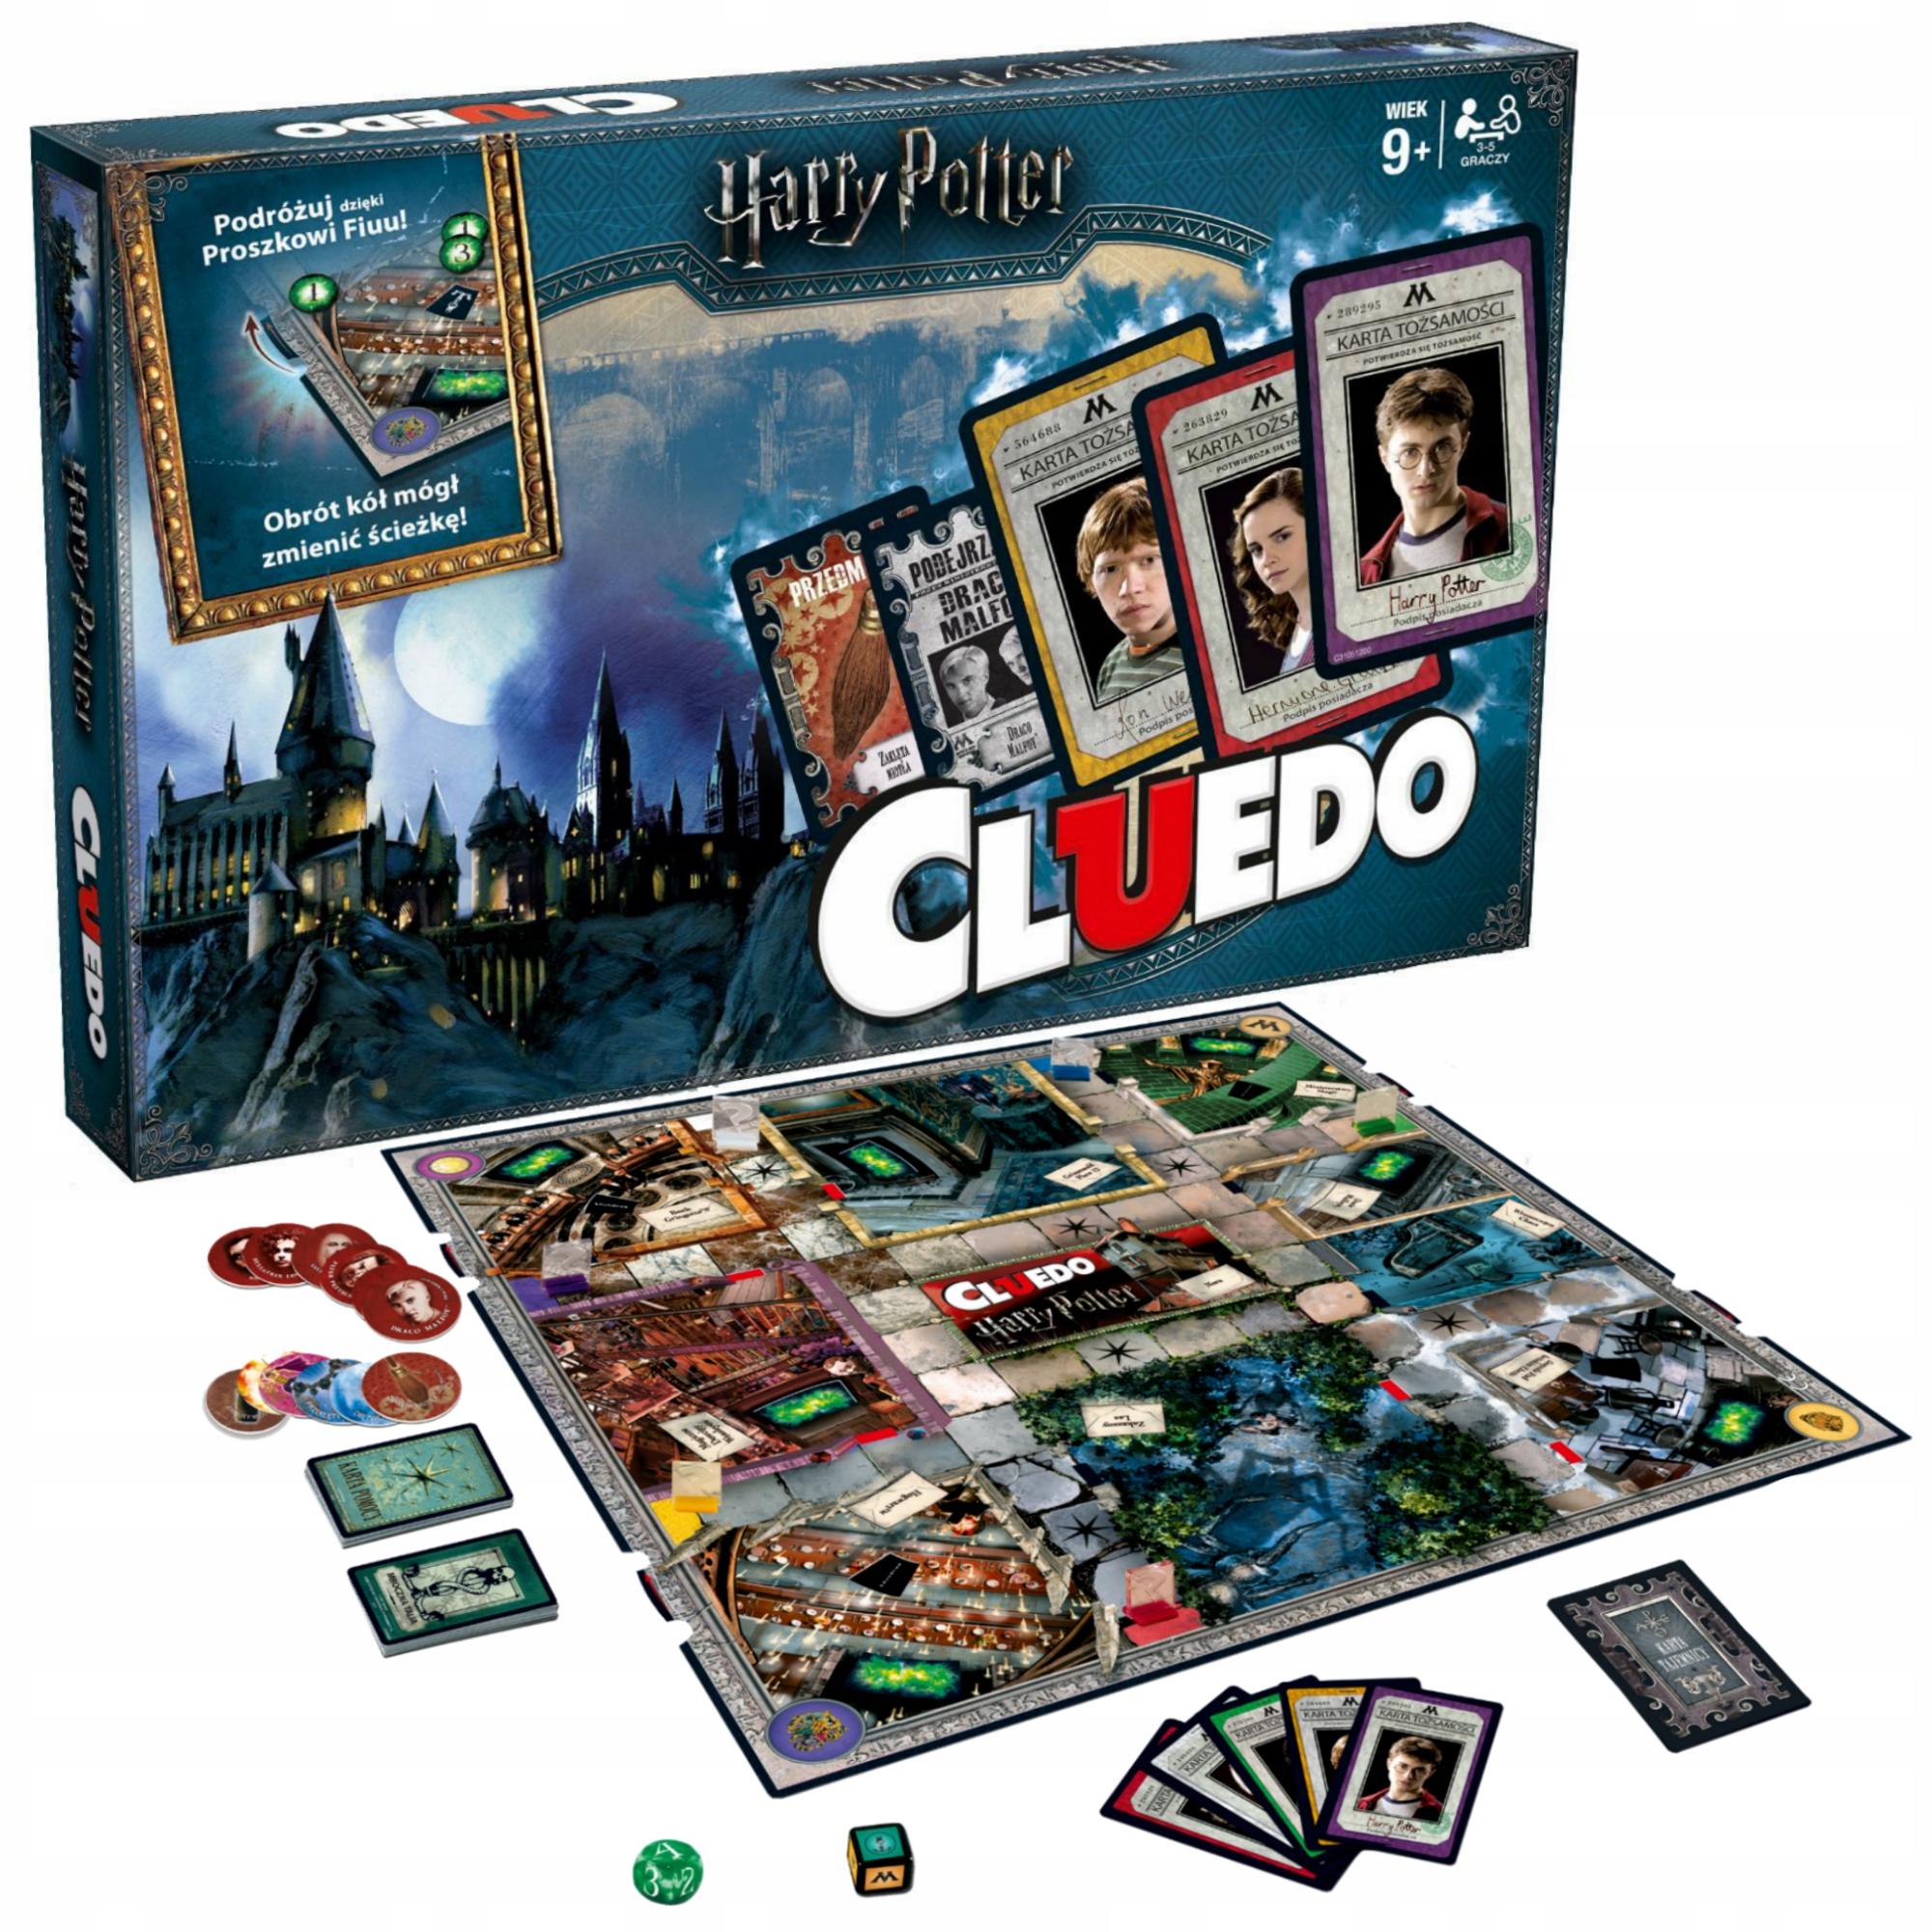 Cluedo Harry Potter Gra Planszowa Detektywistyczna 124 99 Zl 9115536031 Allegro Pl